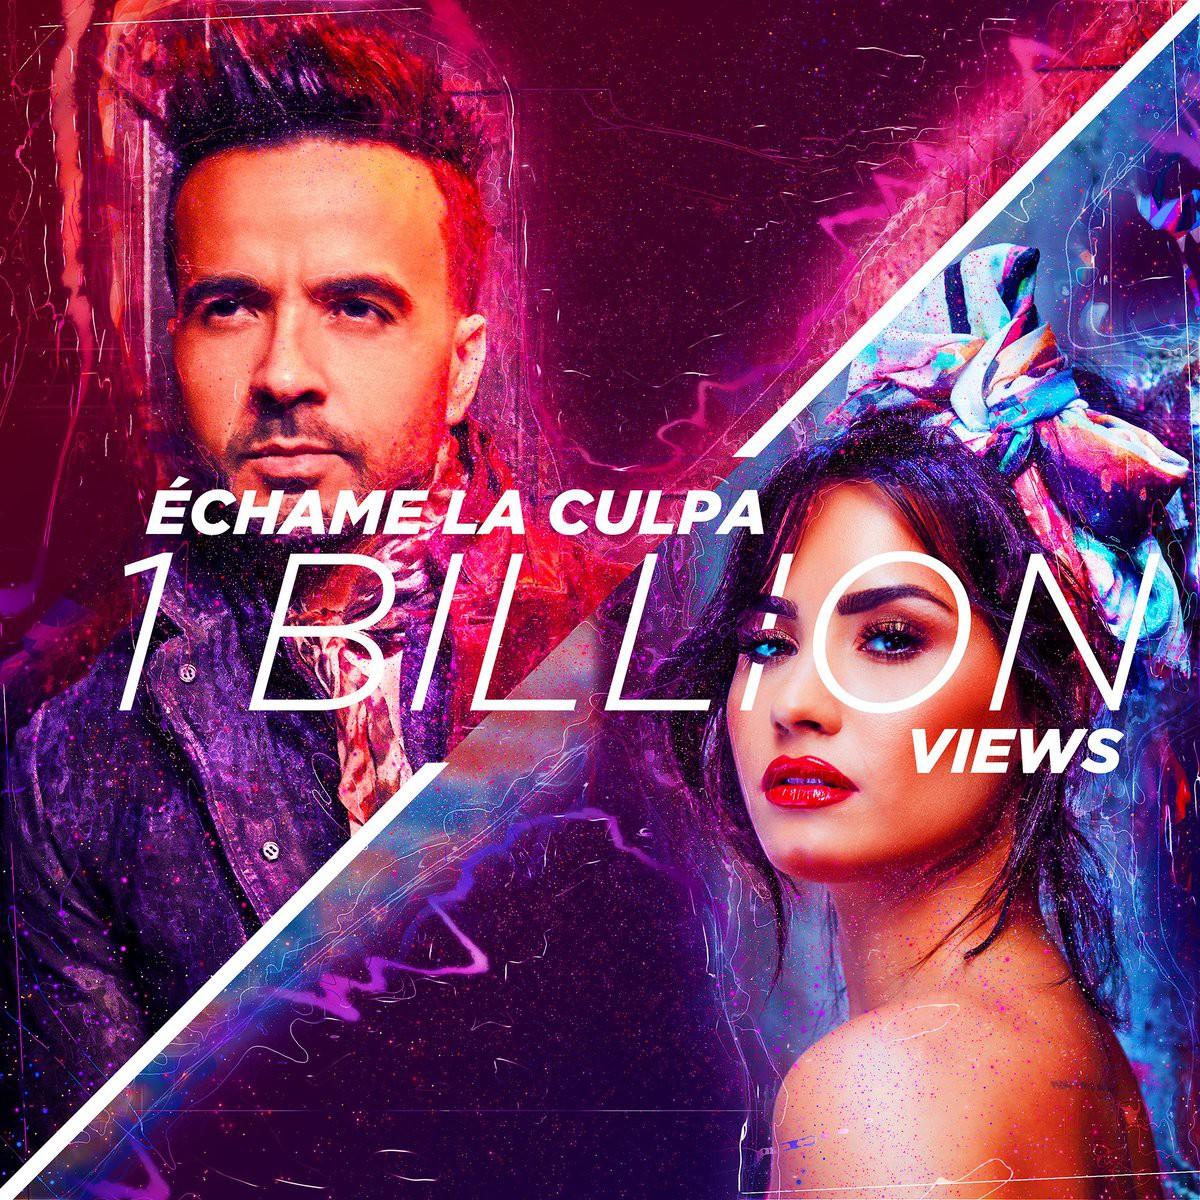 Luis Fonsi hợp tác cùng Demi Lovato  tung MV Échame La Culpa cán mốc 1 tỷ view trong vòng 4 tháng